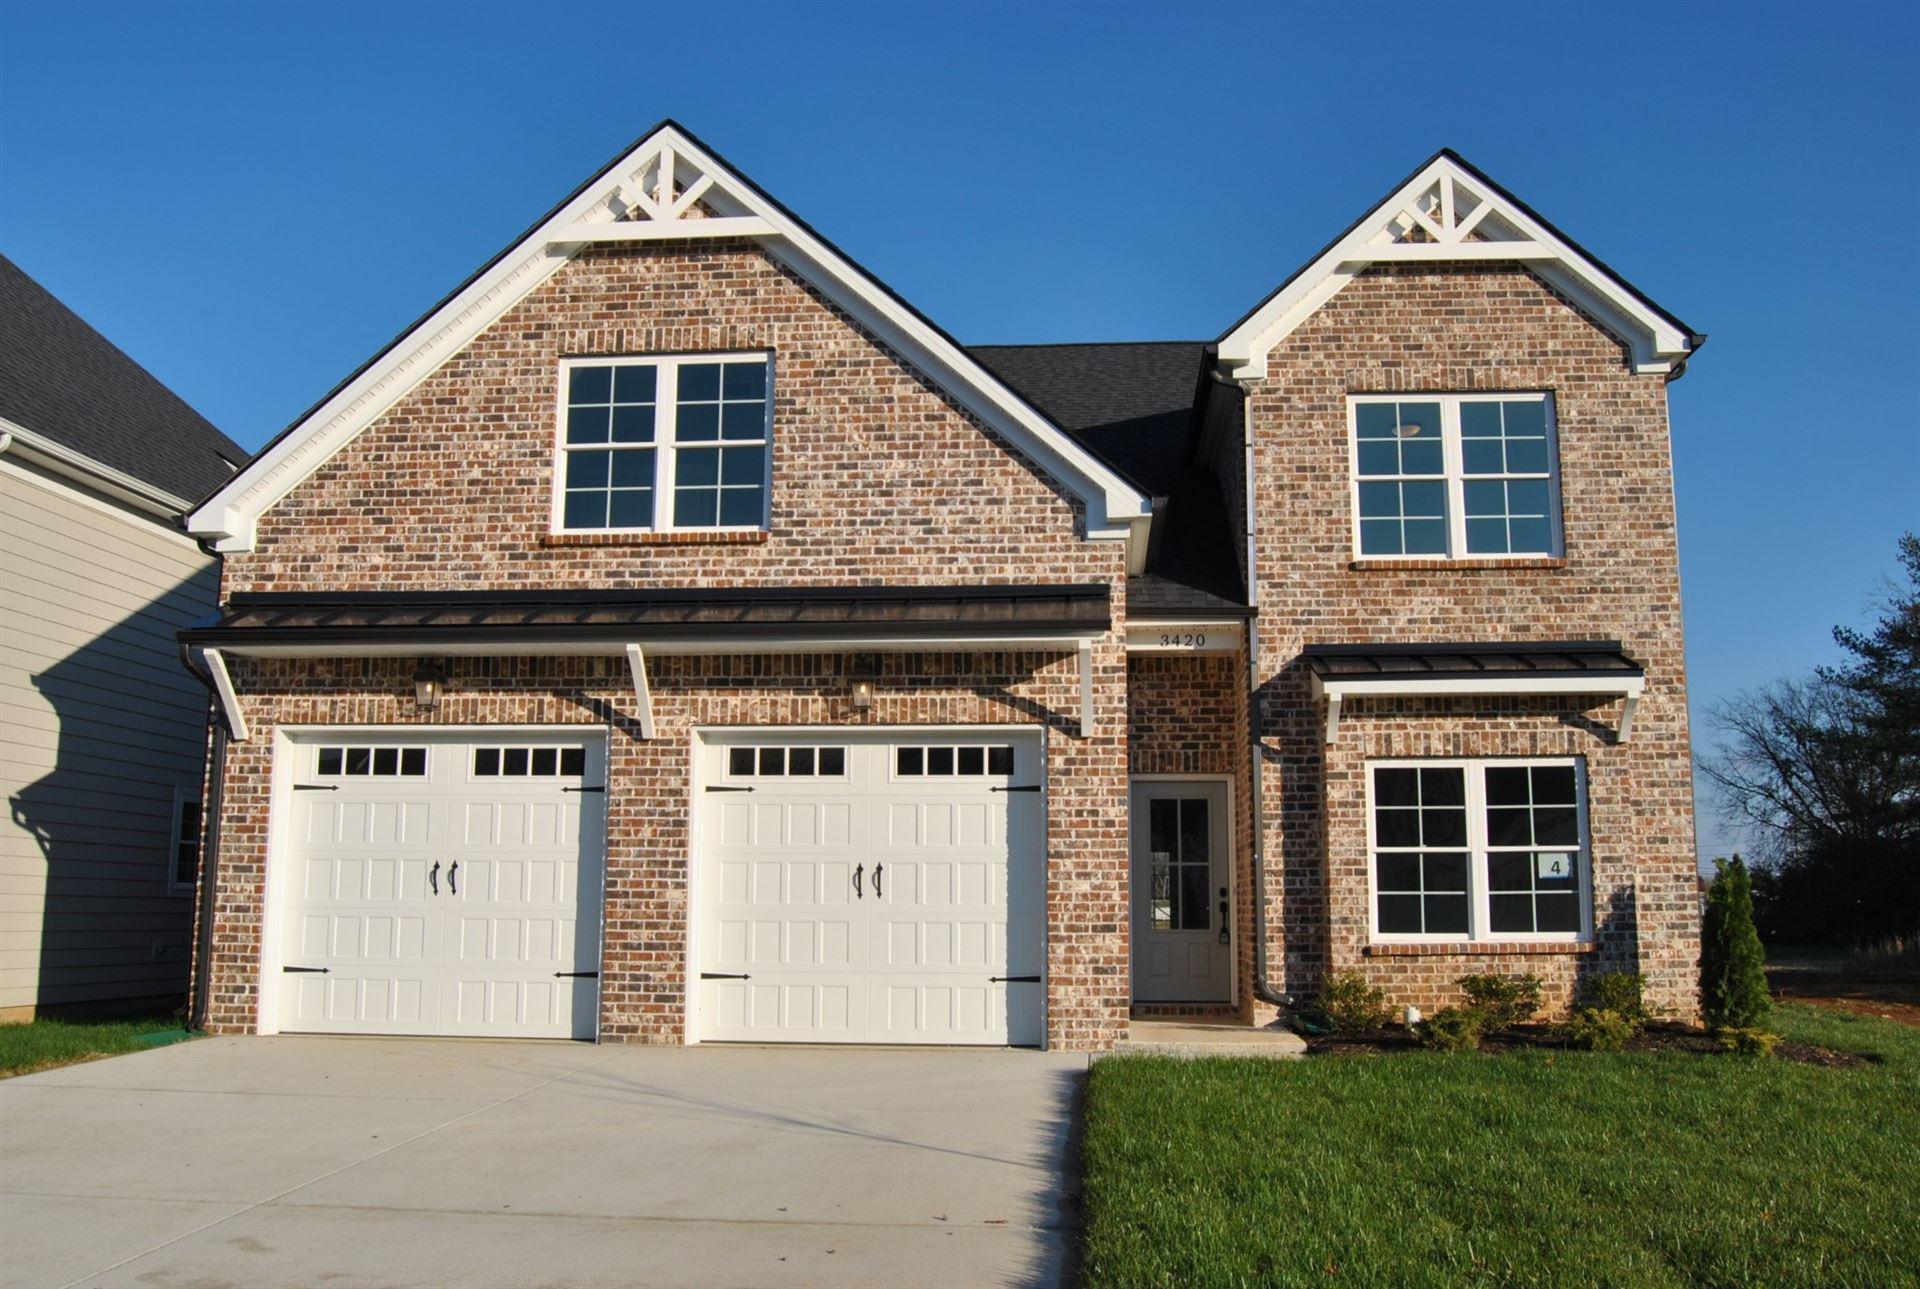 3554 Caroline Farms Dr L26, Murfreesboro, TN 37129 - MLS#: 2210660